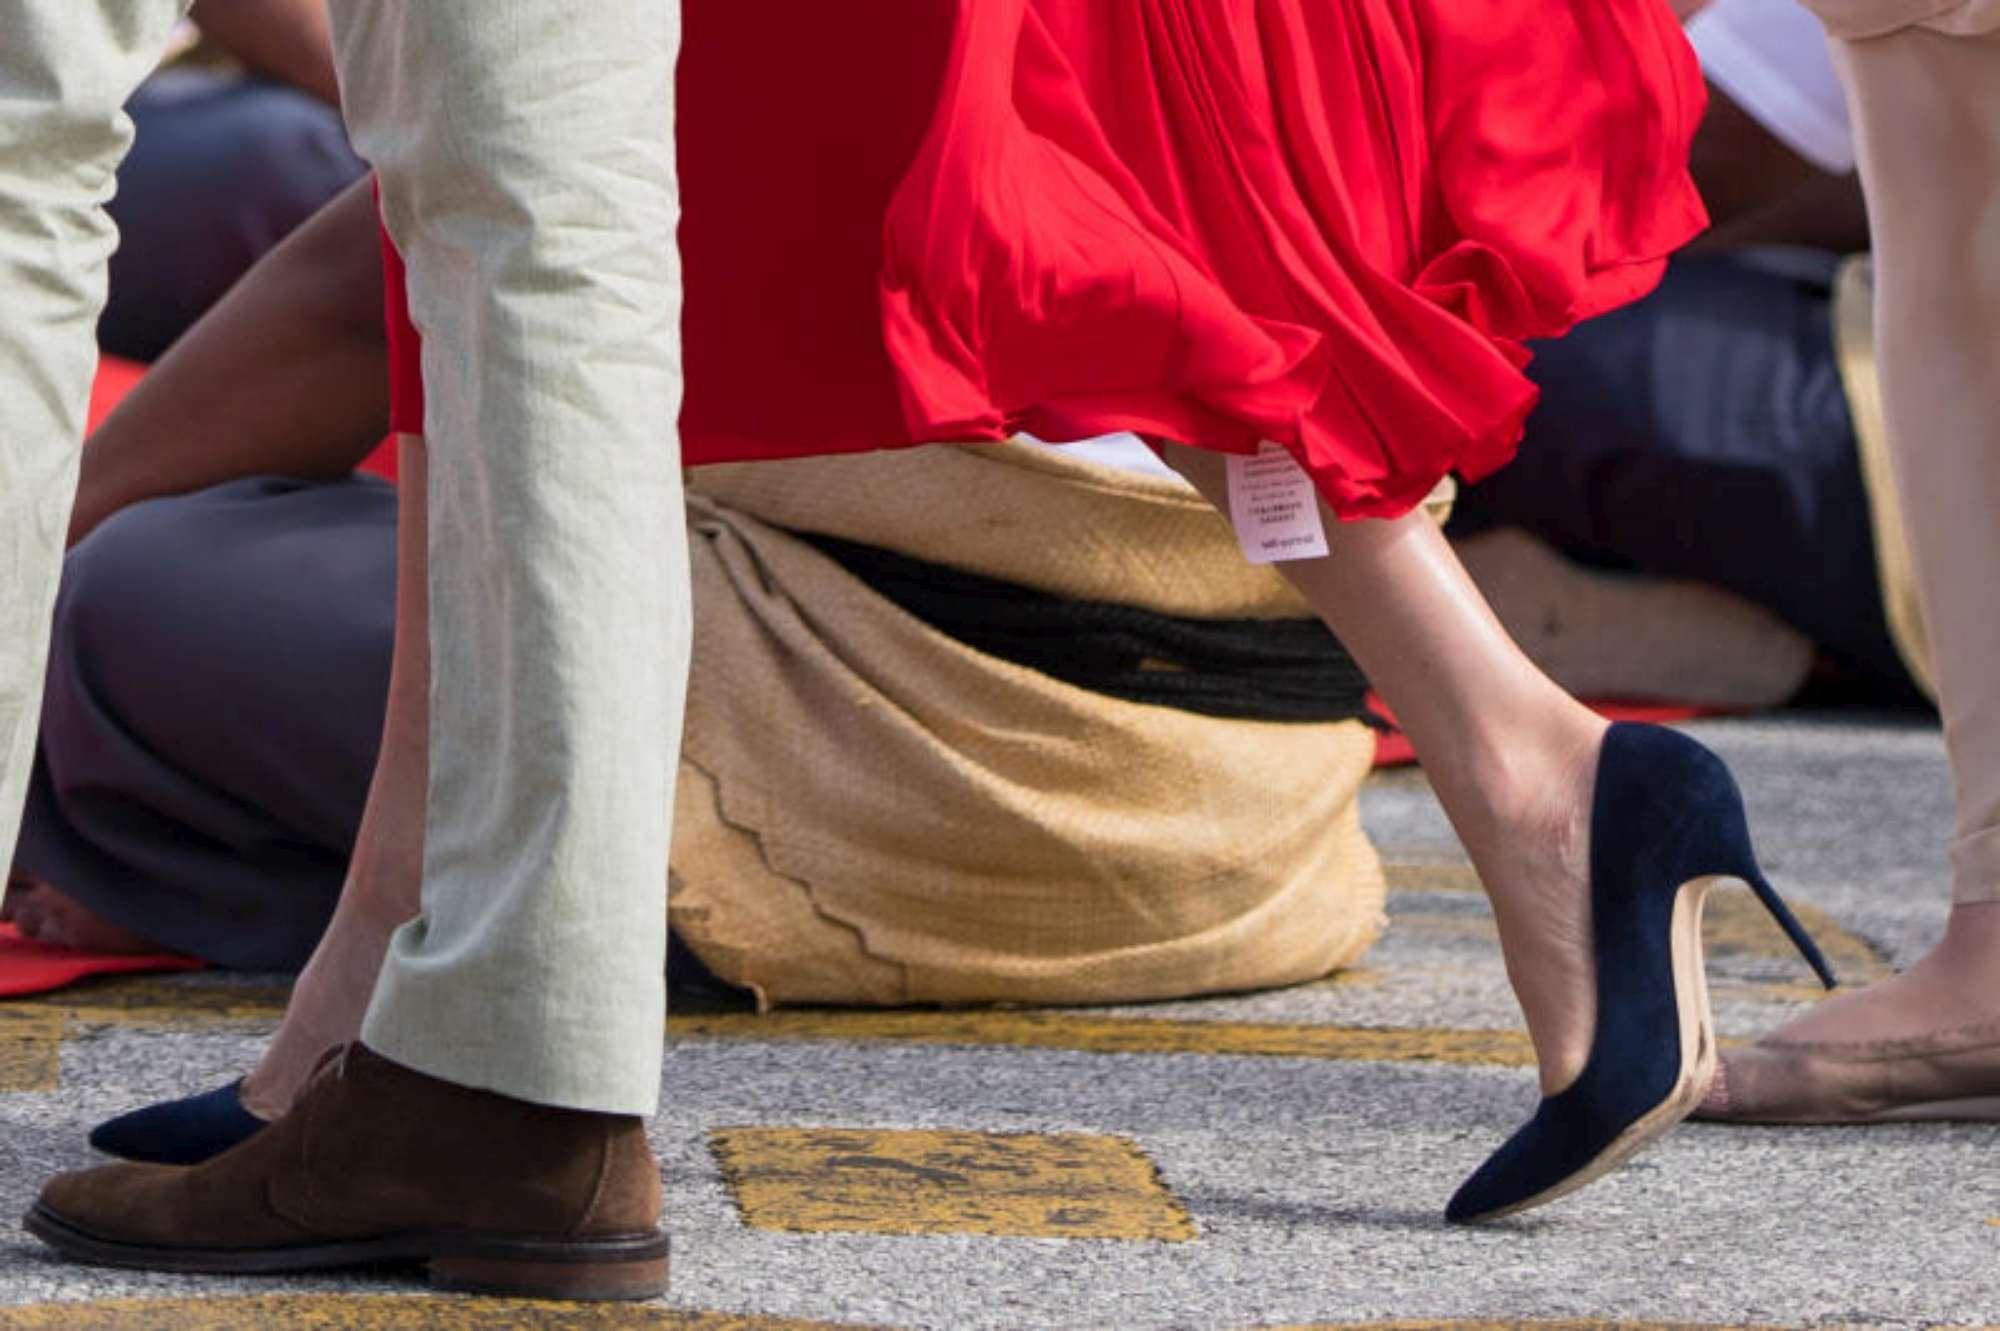 Meghan Markle, dall abito rosso spunta il cartellino